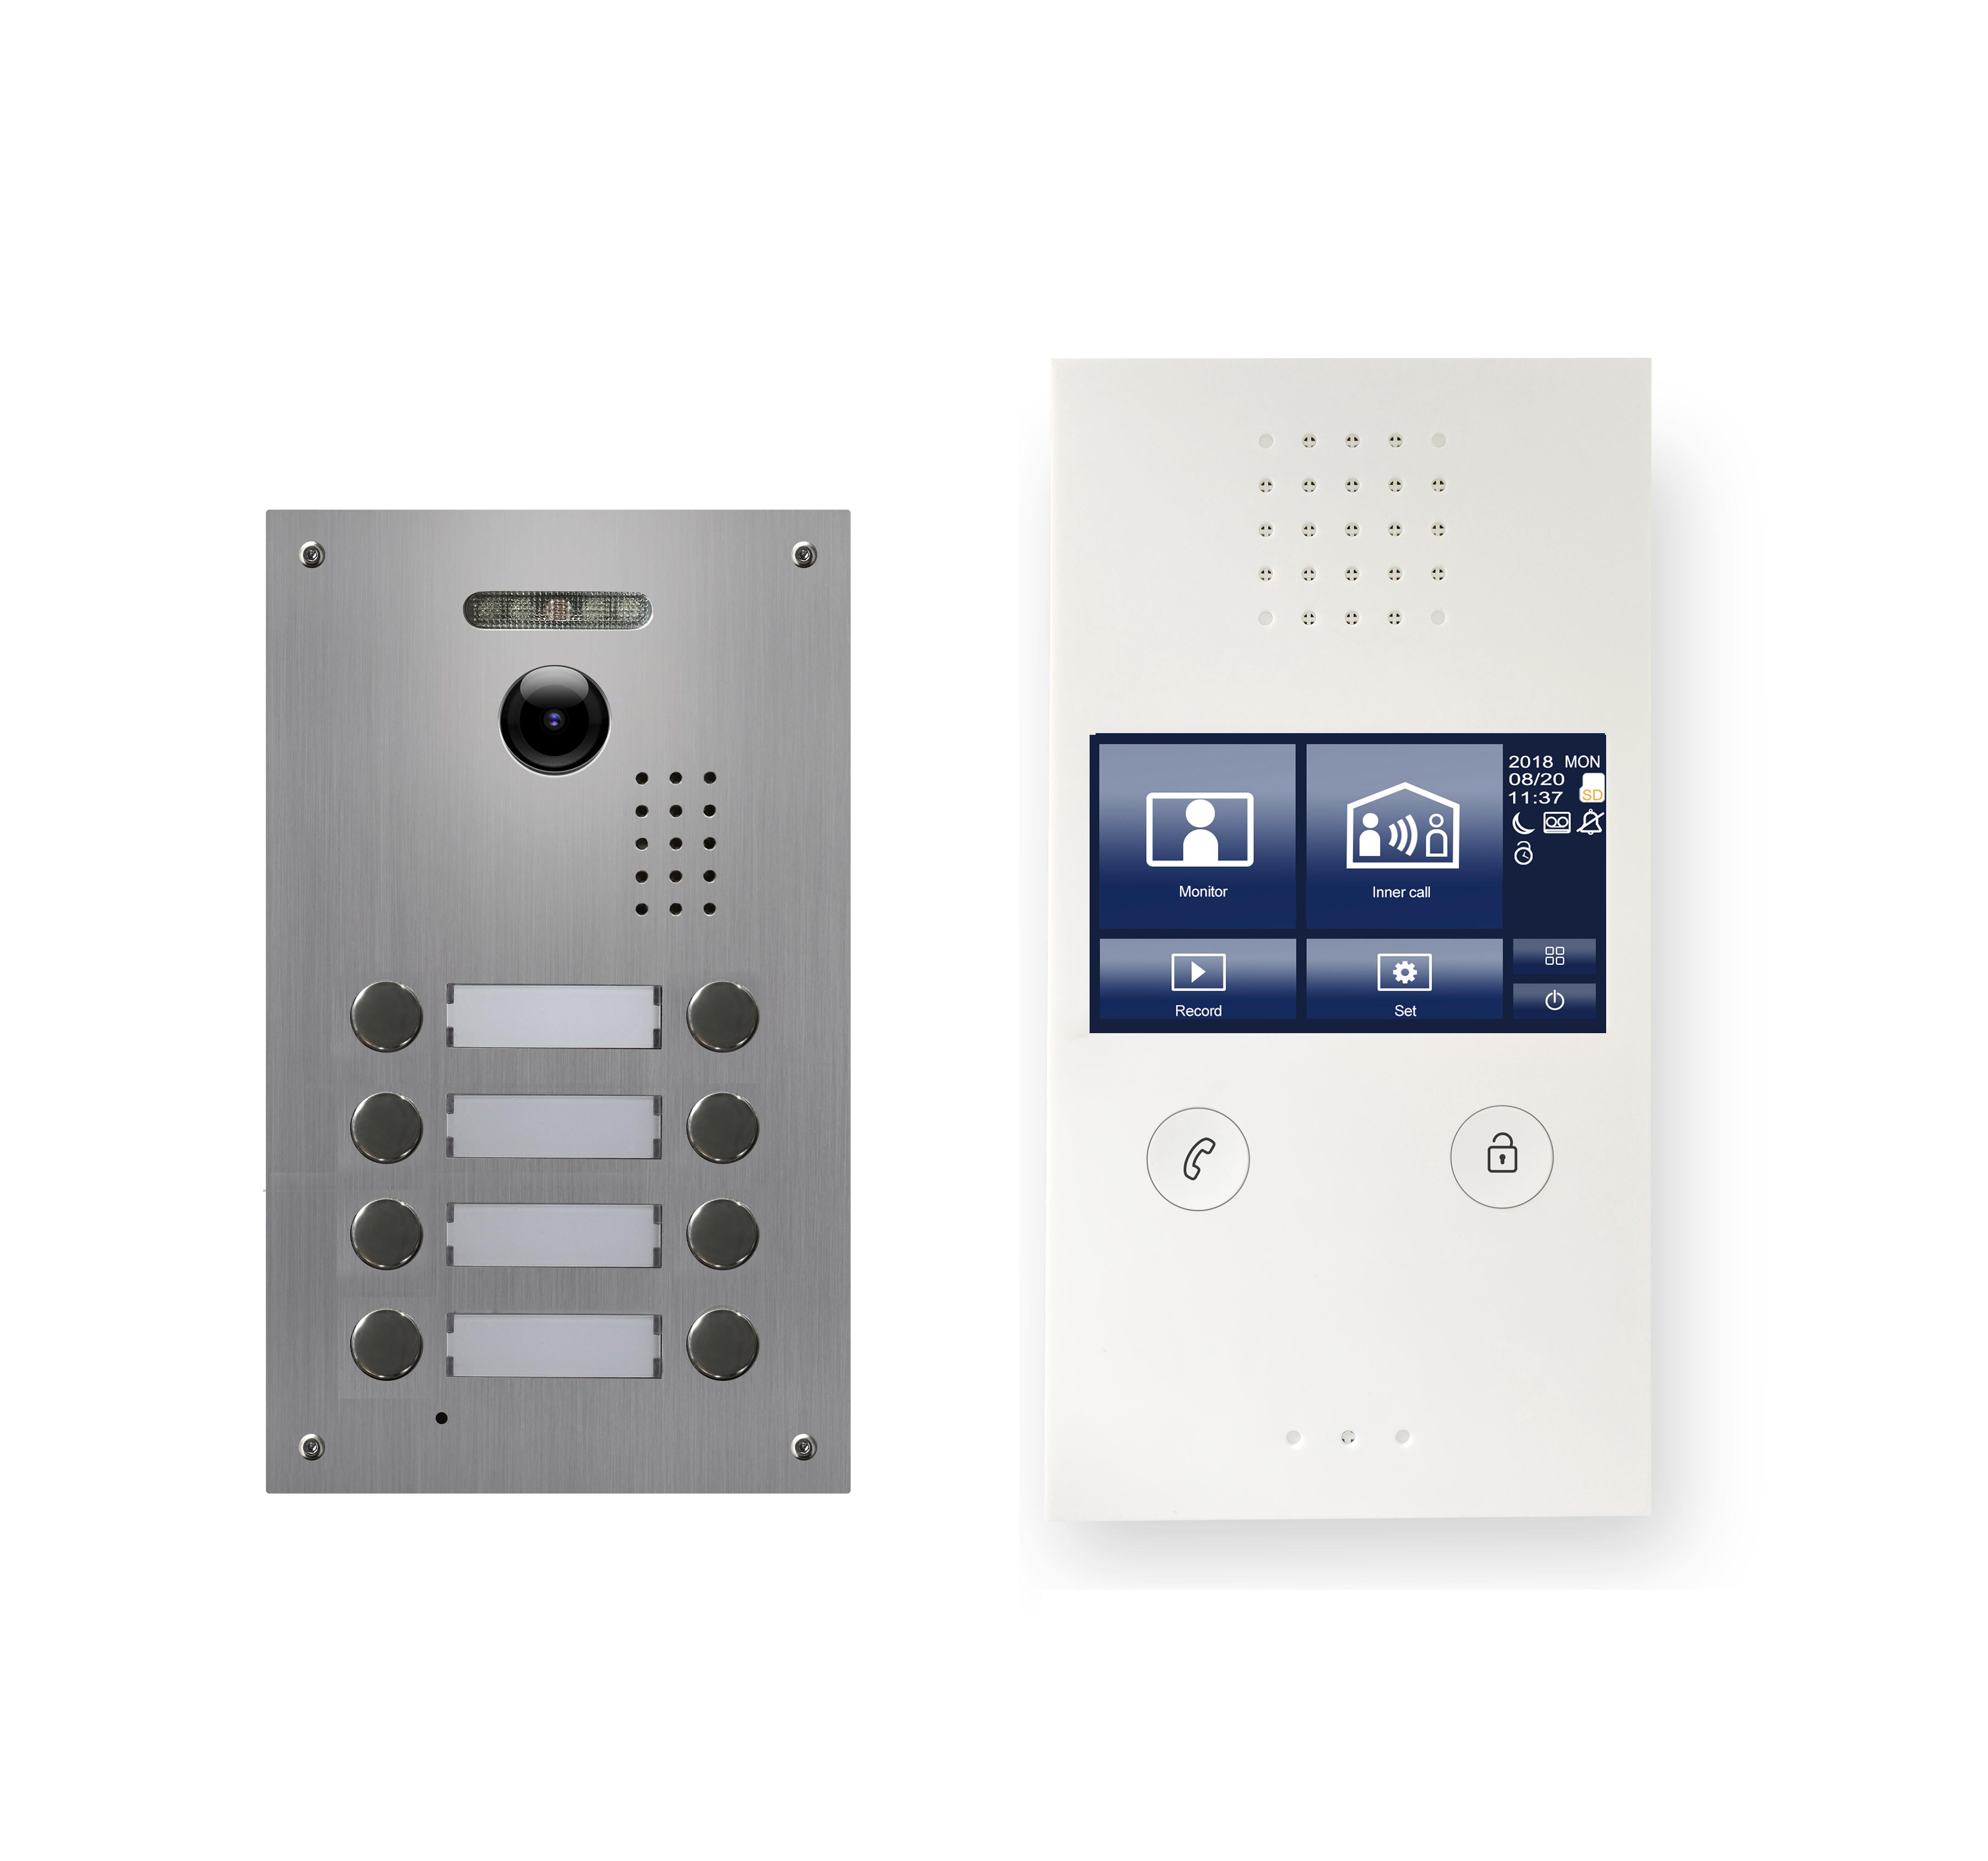 2016 Neue Ankunft Audio Türklingel Intercom-türsprechanlage Für 12 Benutzer Wohnung Sicherheit & Schutz Rfid Panel Audio-türsprechanlage Audio Intercom